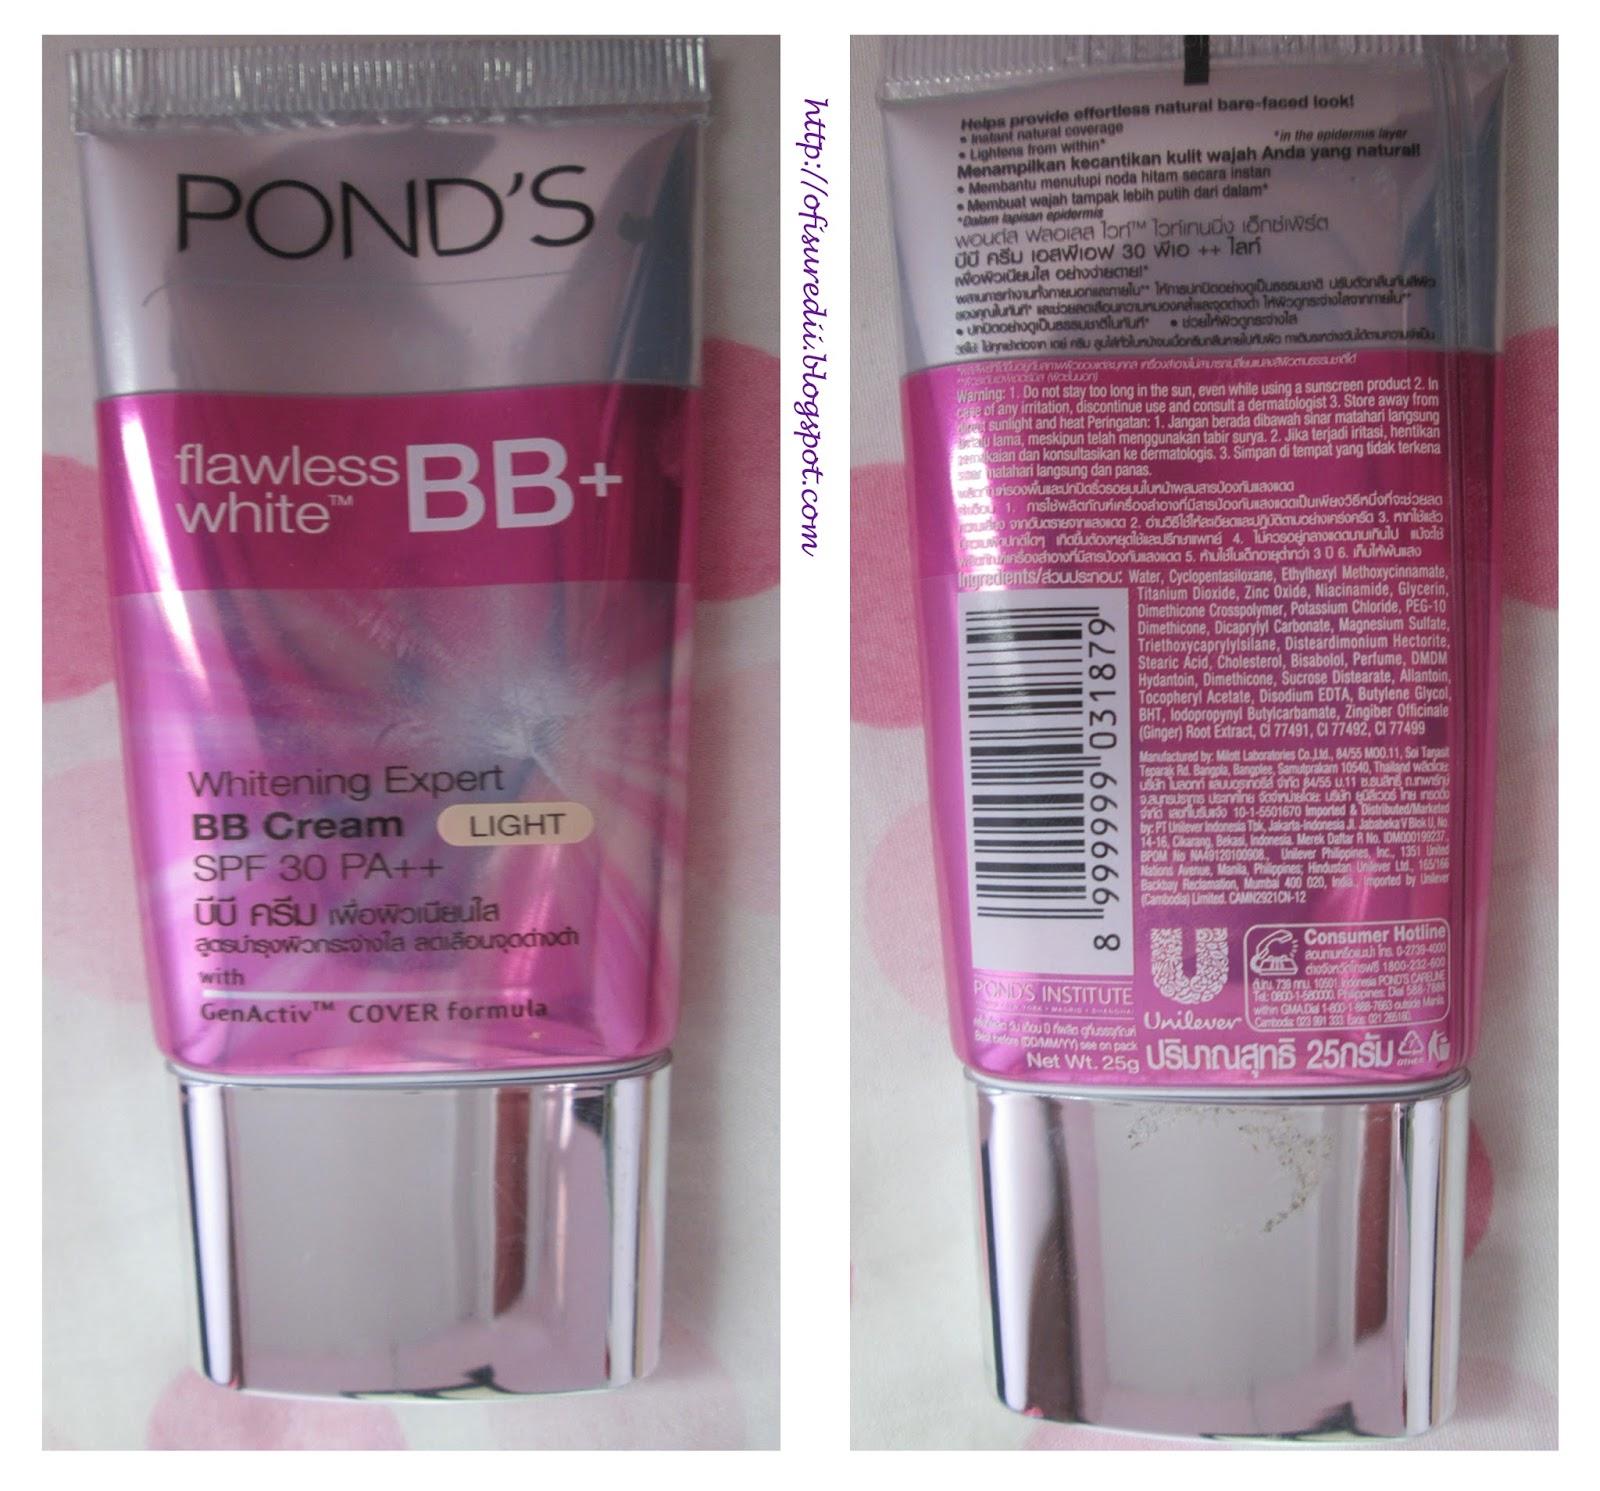 Dari segi packaging menurutku gak kalah lah sama bb cream korea apalagi warnanya pink gitu pasti banyak cewek yang tergoda p Entah kenapa si ponds ini